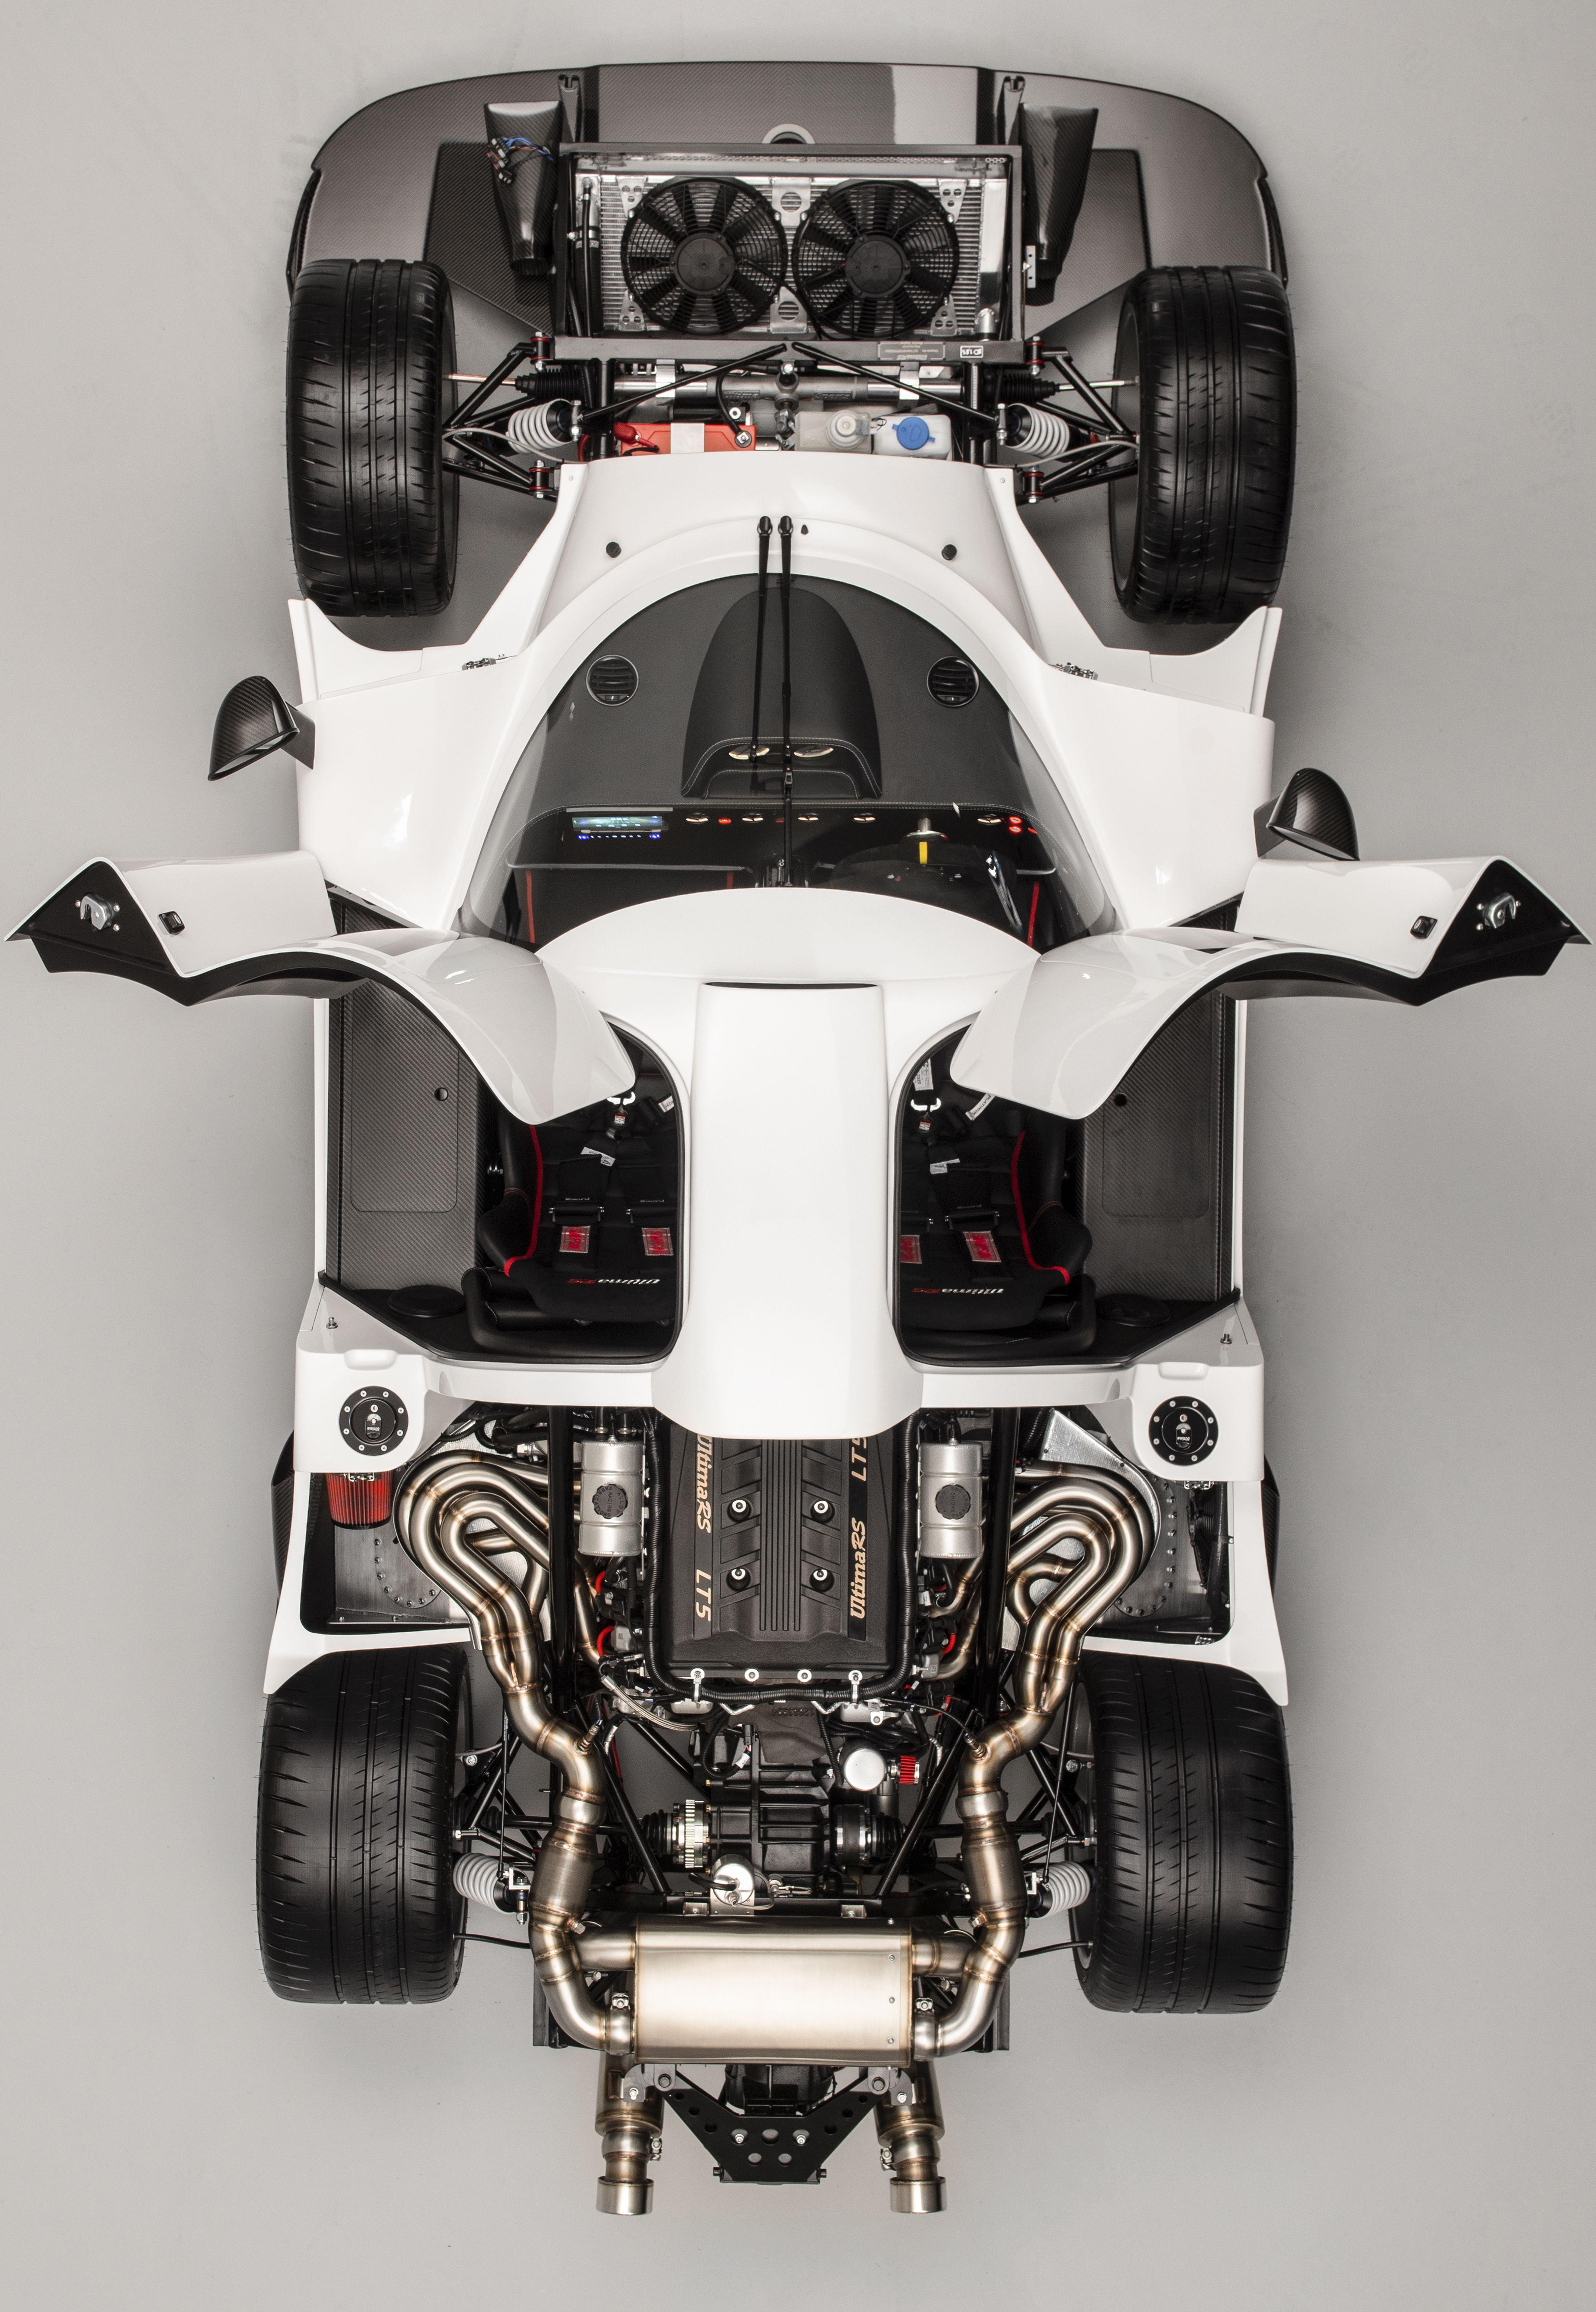 Ultima Rs In 2020 Futuristic Cars Super Cars Bugatti Cars